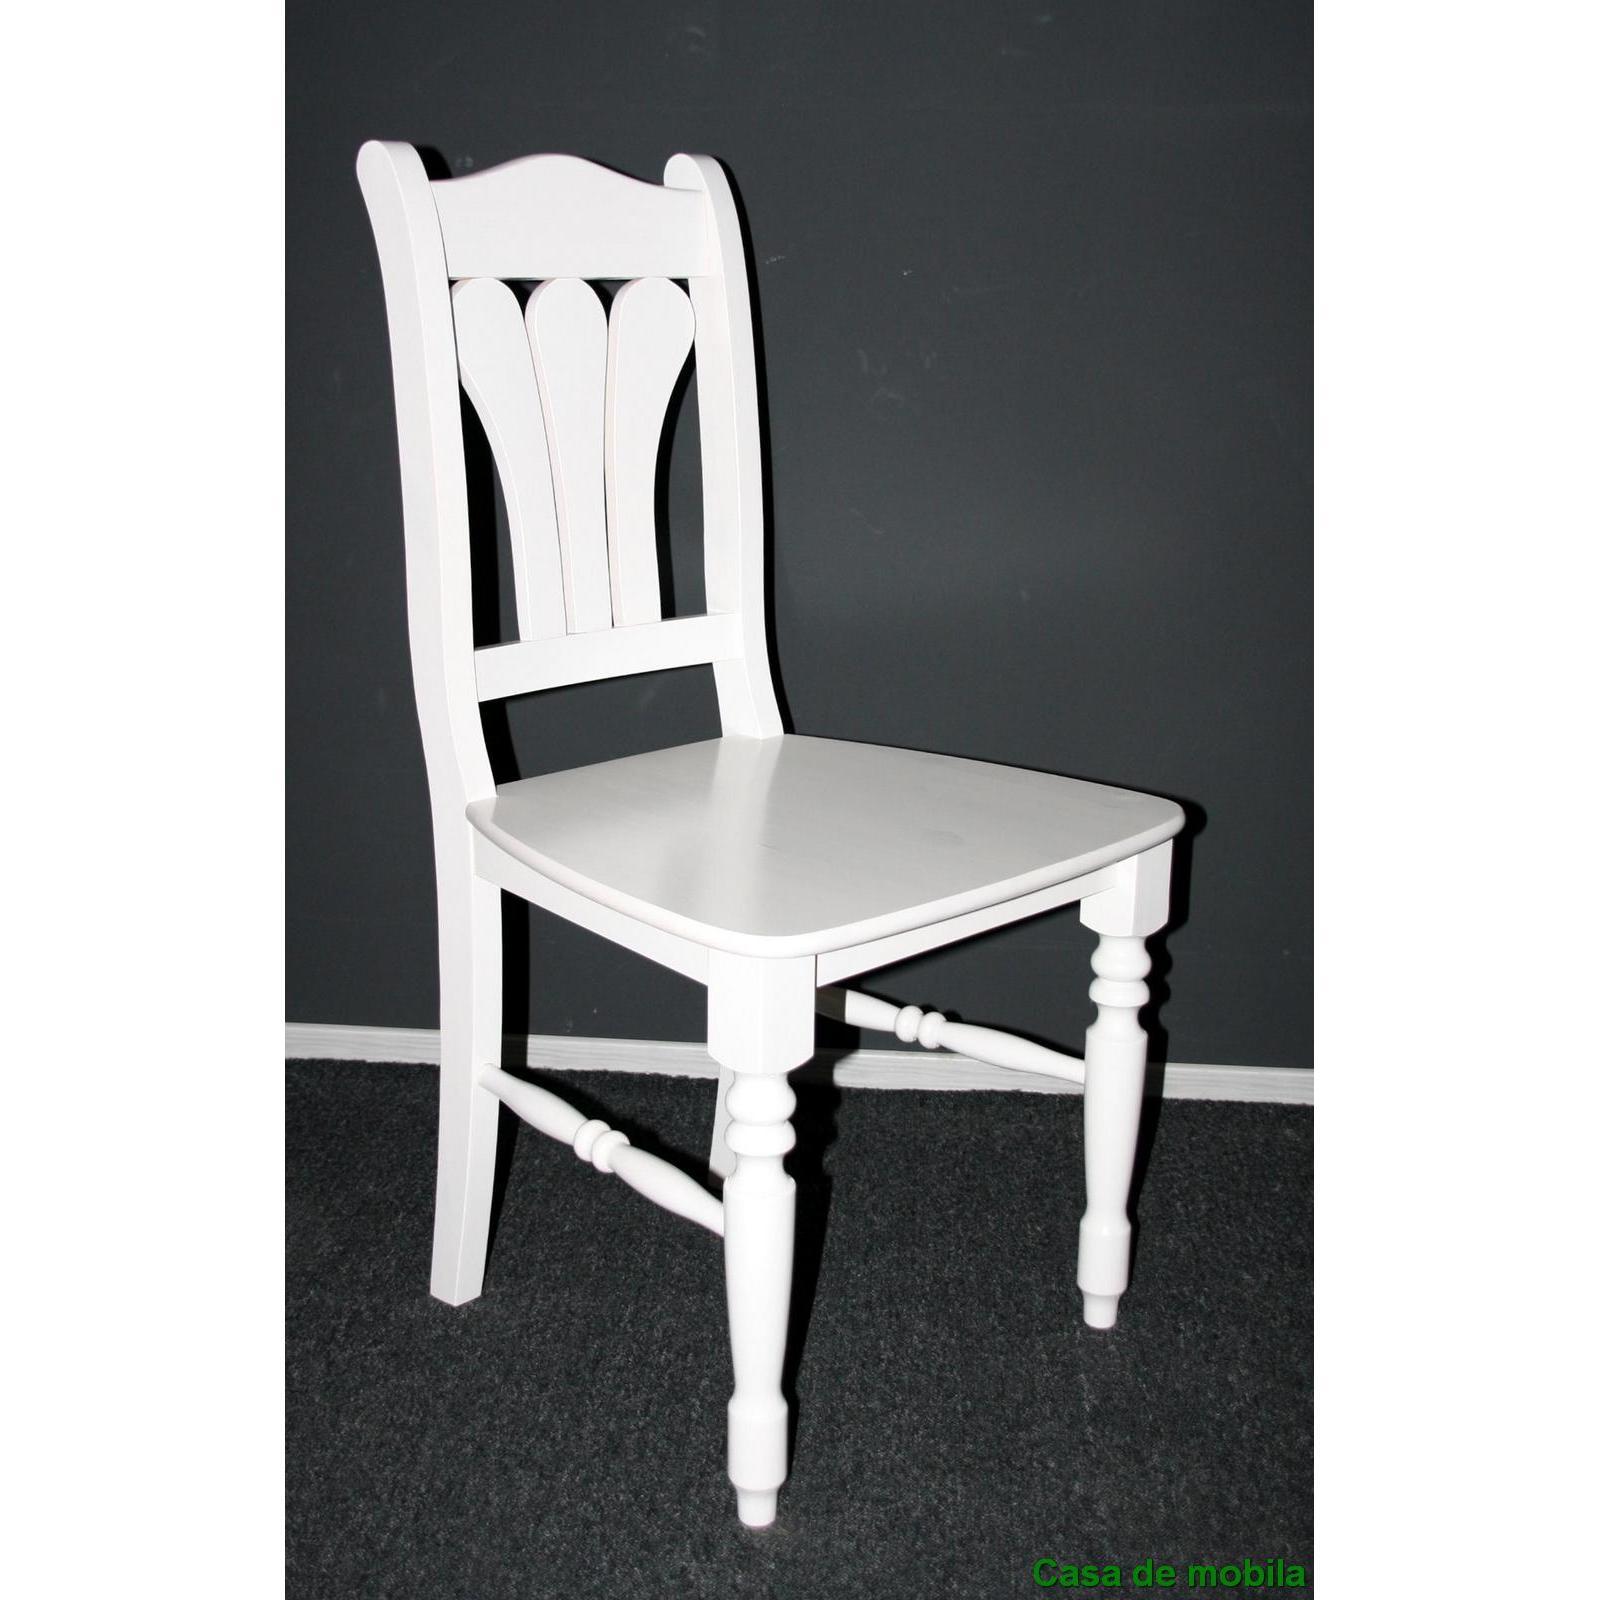 Esstisch stühle weiß landhaus  esszimmerstühle weiß landhaus | Möbelideen